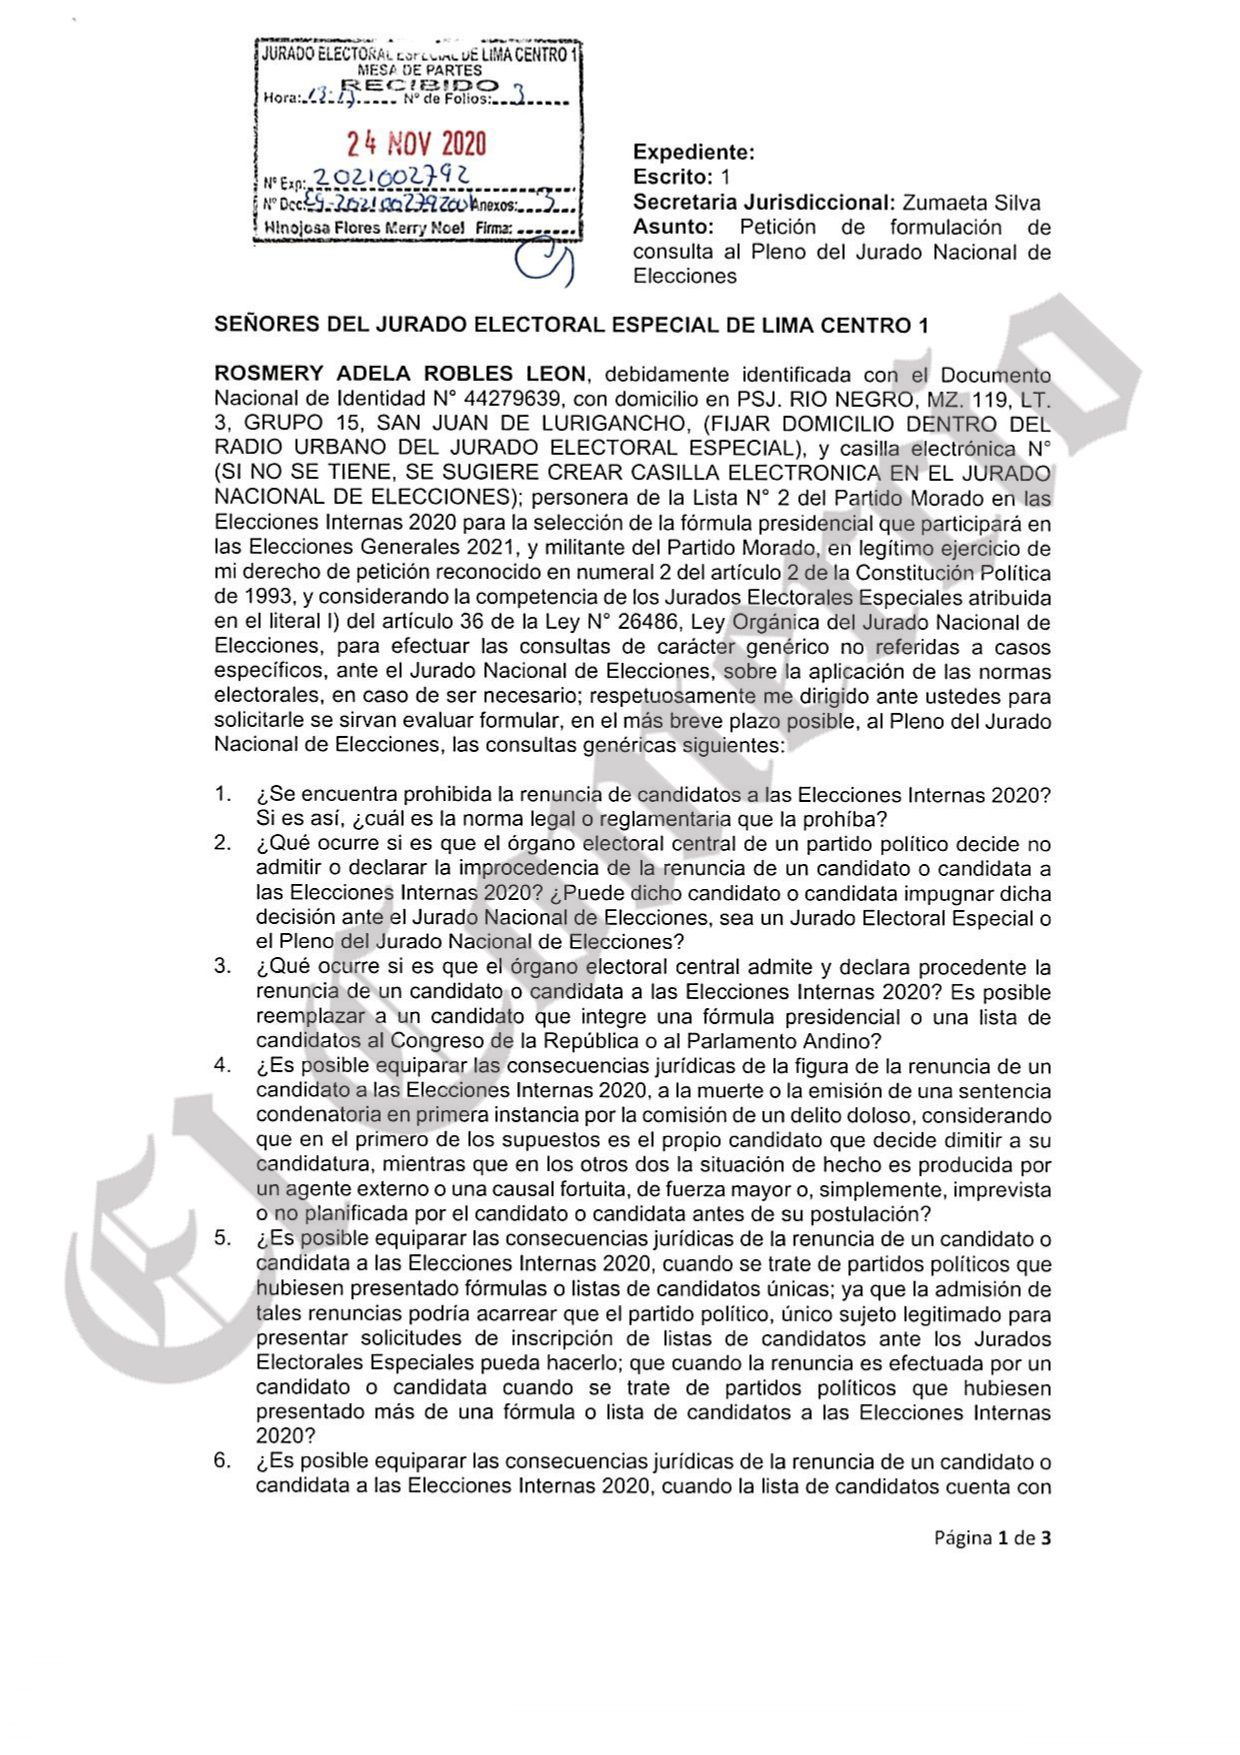 El documento enviado por la lista de Carolina Lizárraga en el Partido Morado al JEE Lima Centro 1. (Captura: El Comercio)